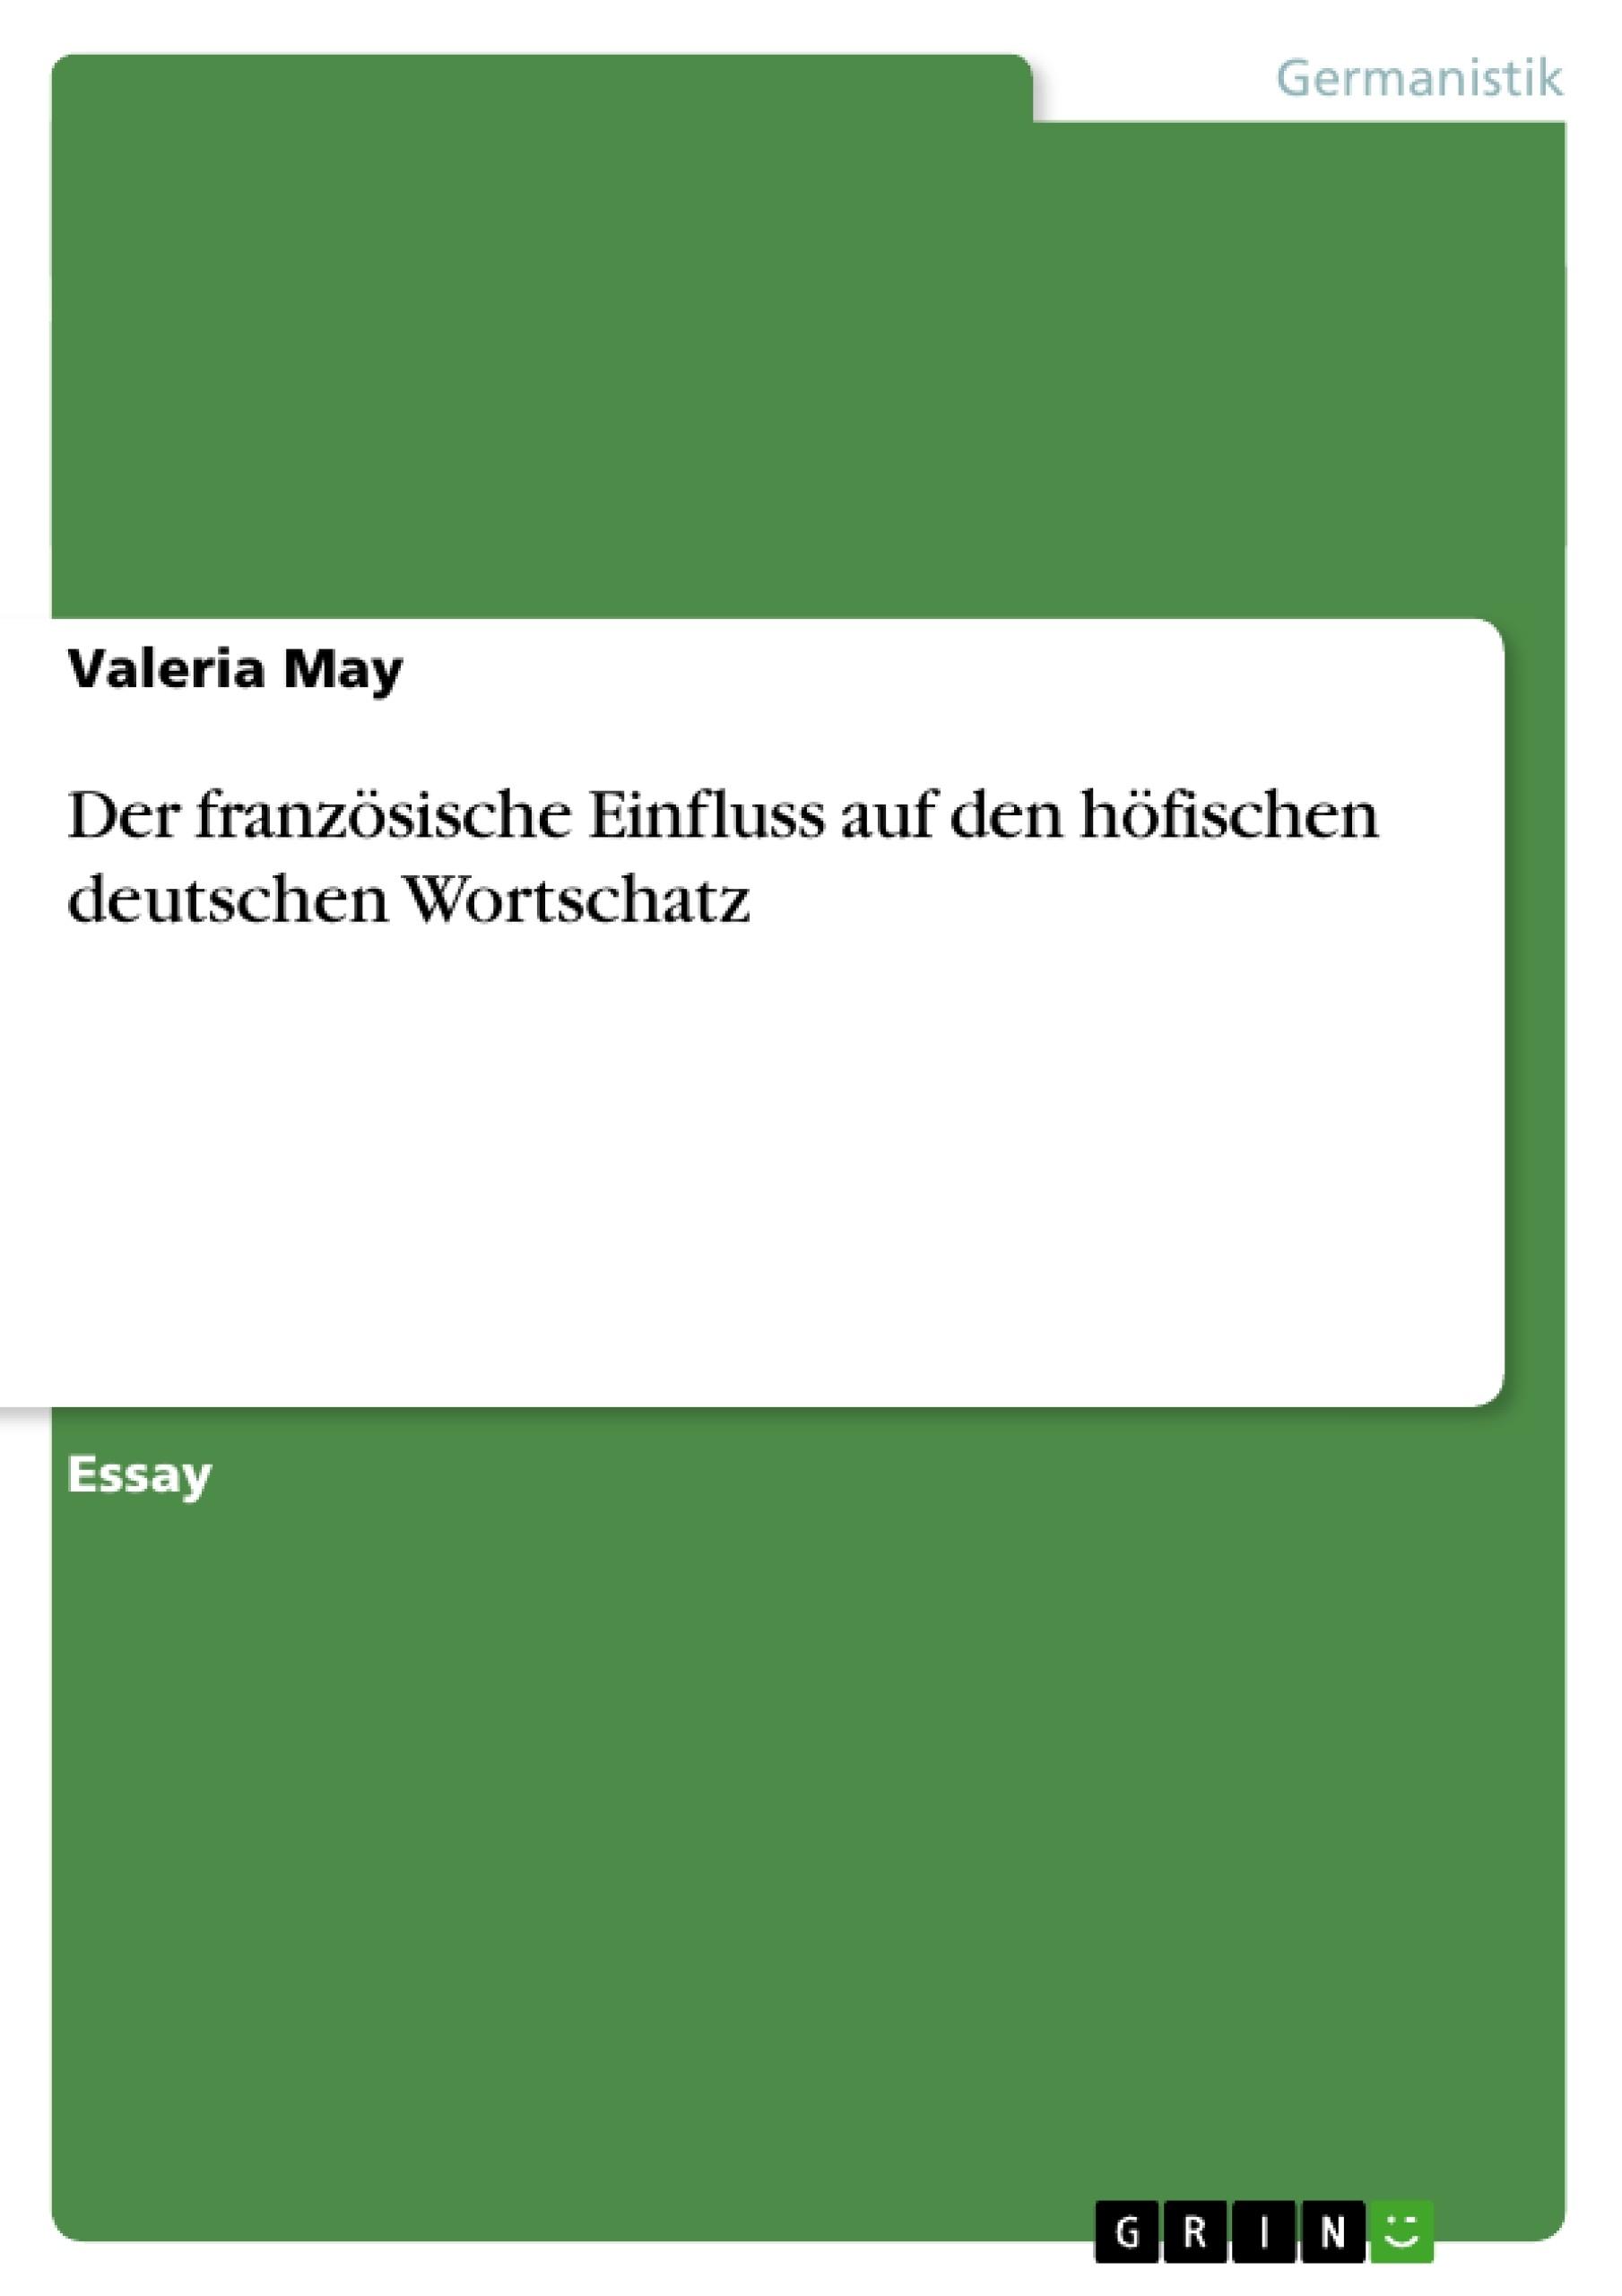 Titel: Der französische Einfluss auf den höfischen deutschen Wortschatz